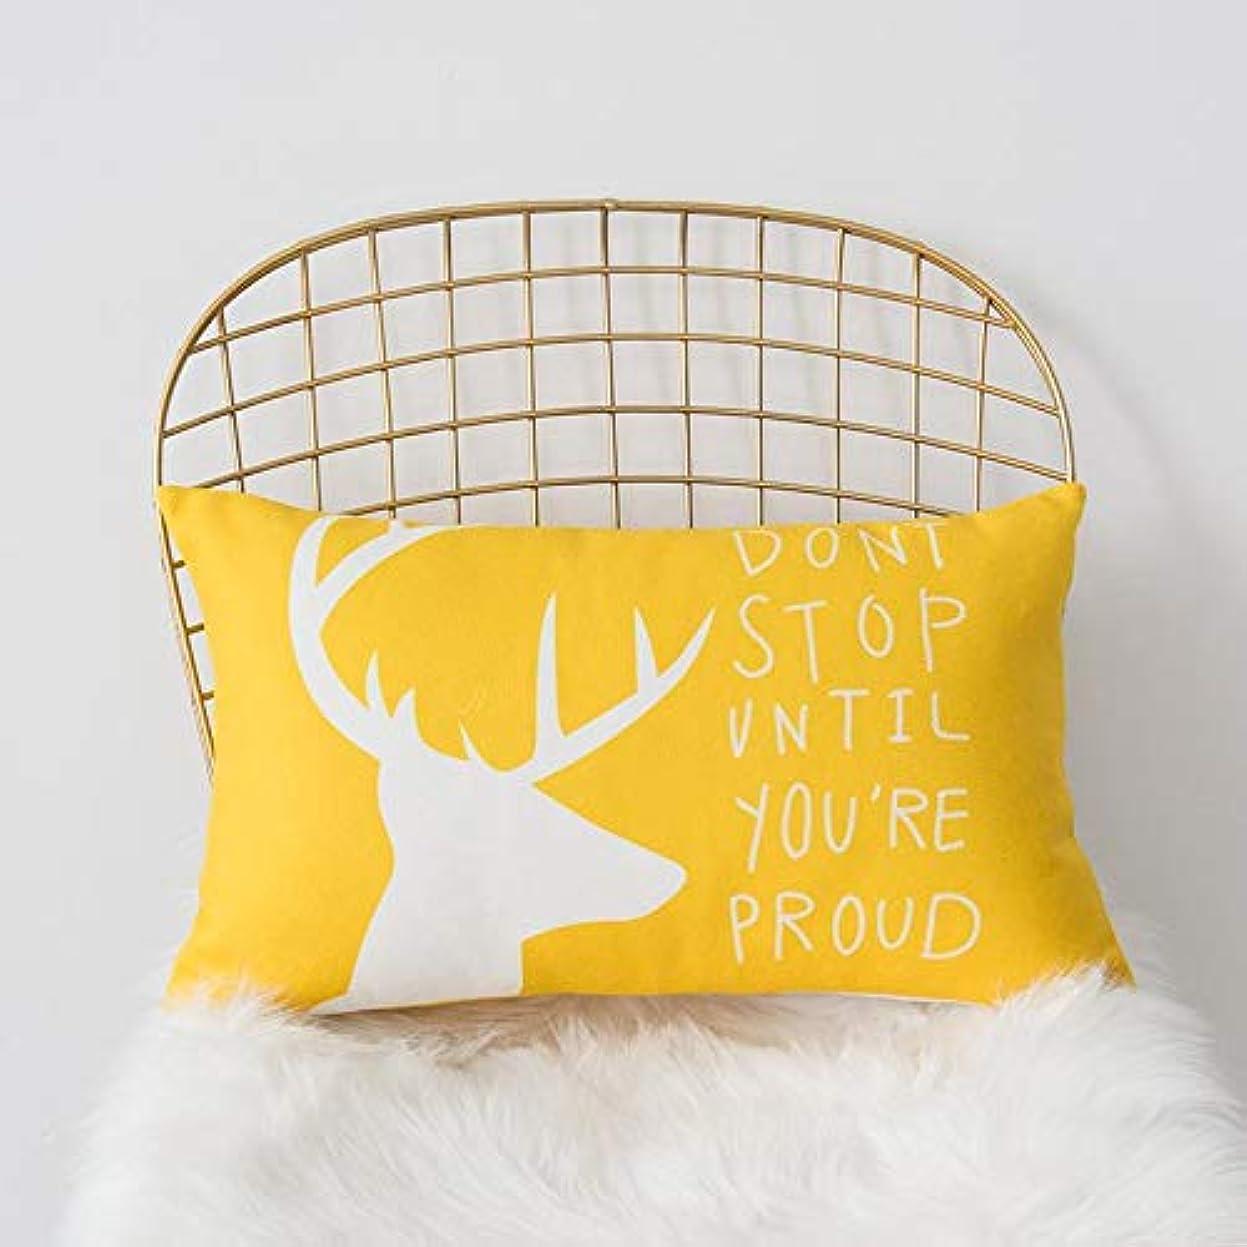 パトロン占める追放SMART 黄色グレー枕北欧スタイル黄色ヘラジカ幾何枕リビングルームのインテリアソファクッション Cojines 装飾良質 クッション 椅子